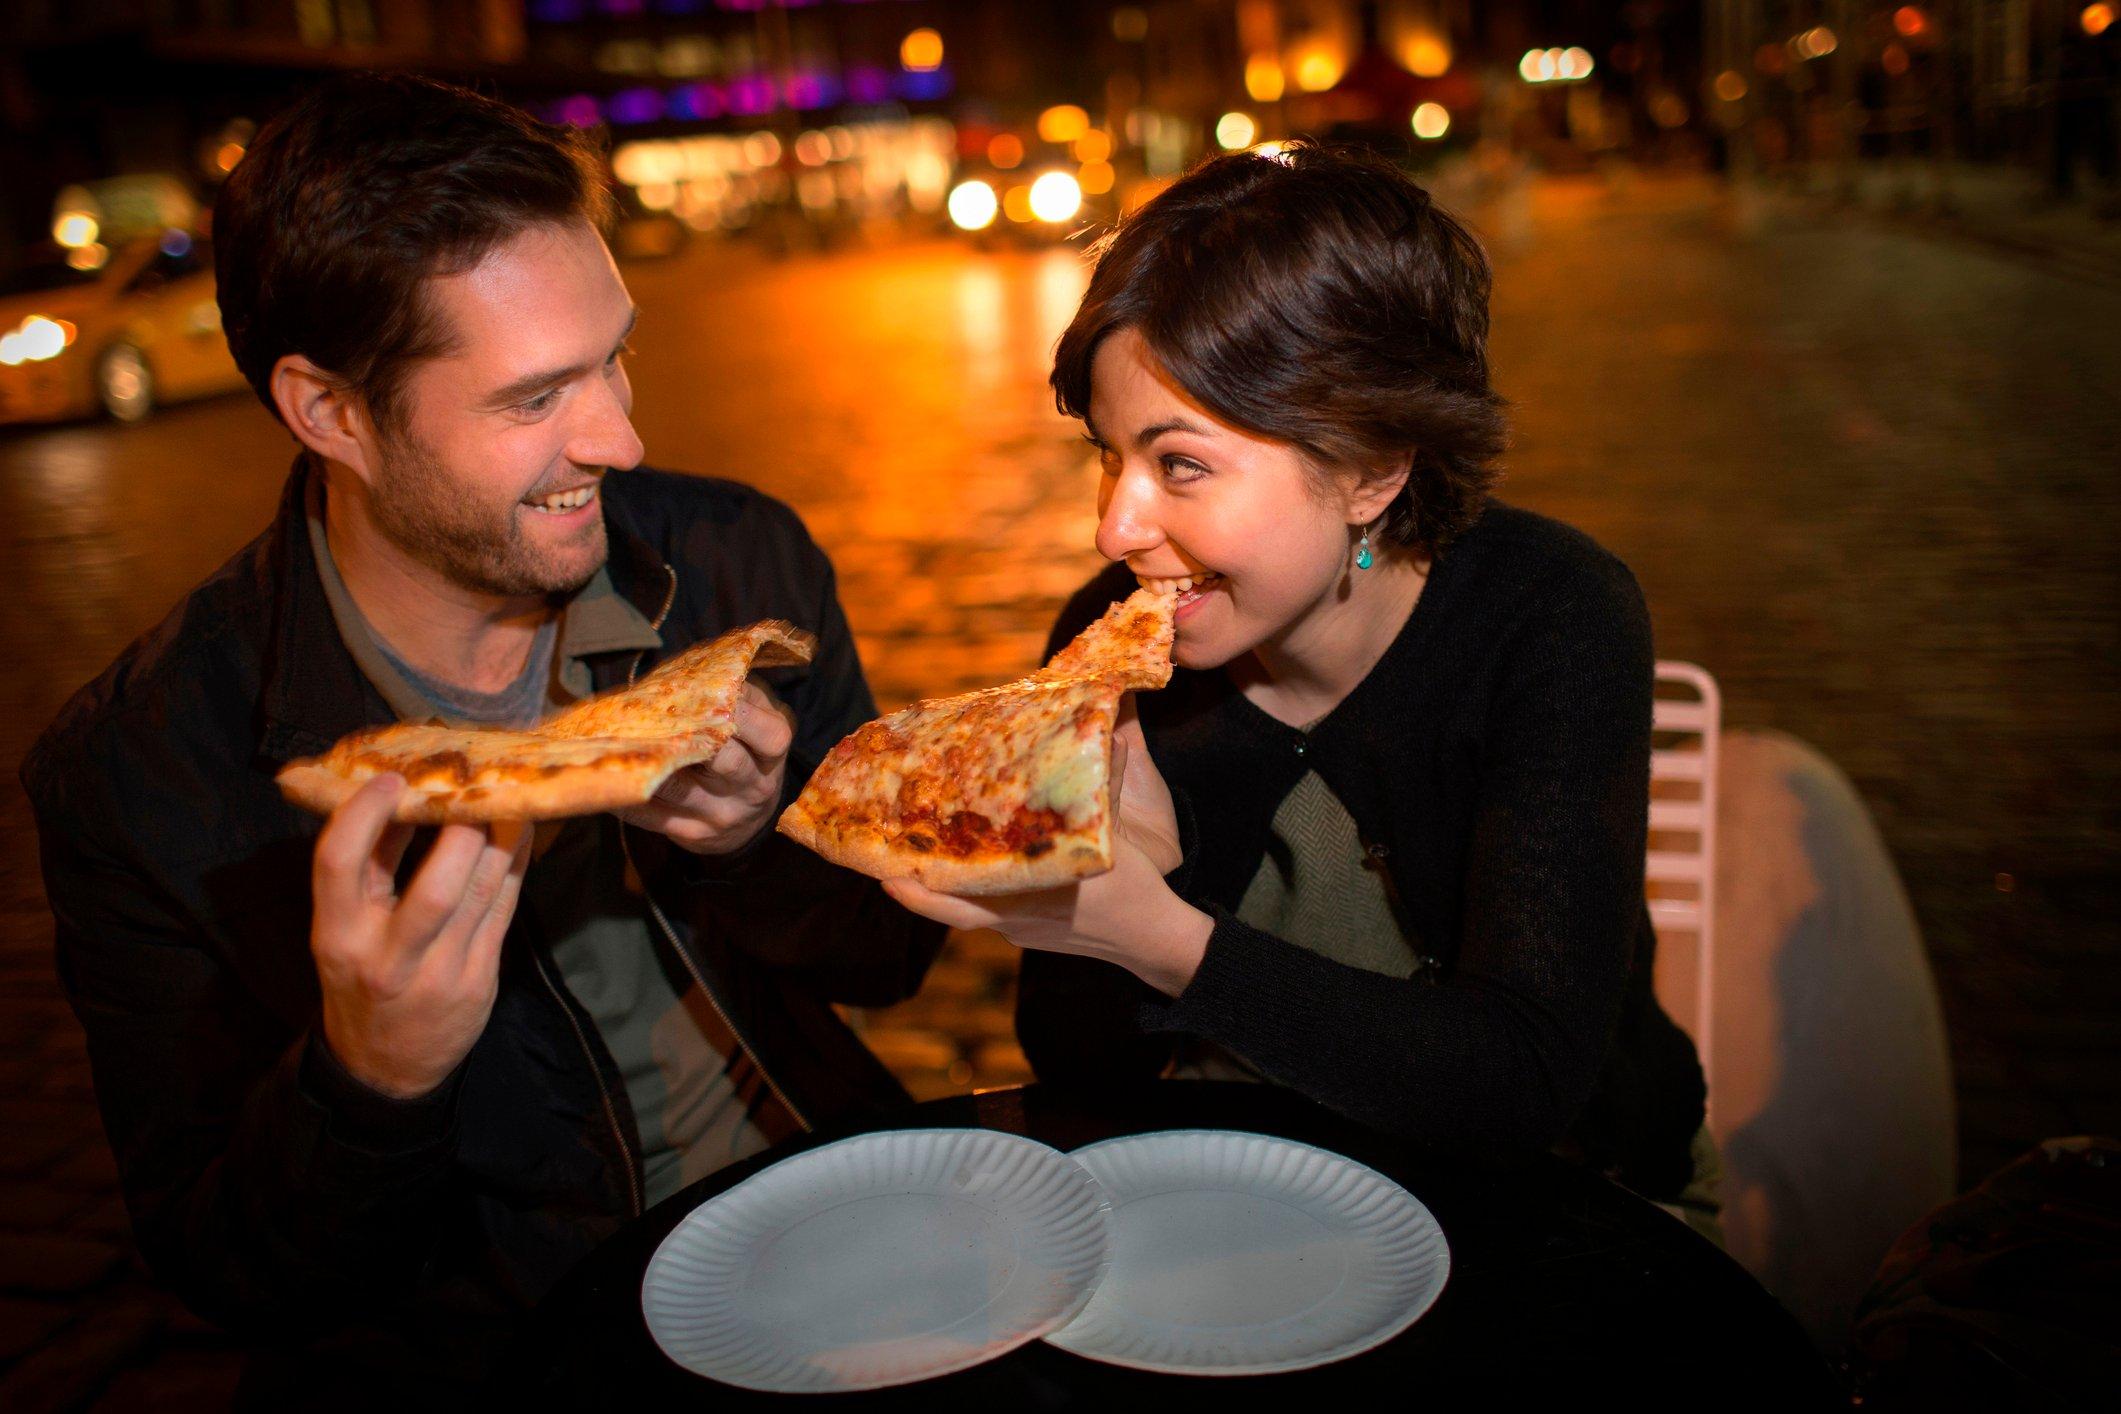 盘点世界各地的深夜美食,来看看大家夜宵都吃些什么吧